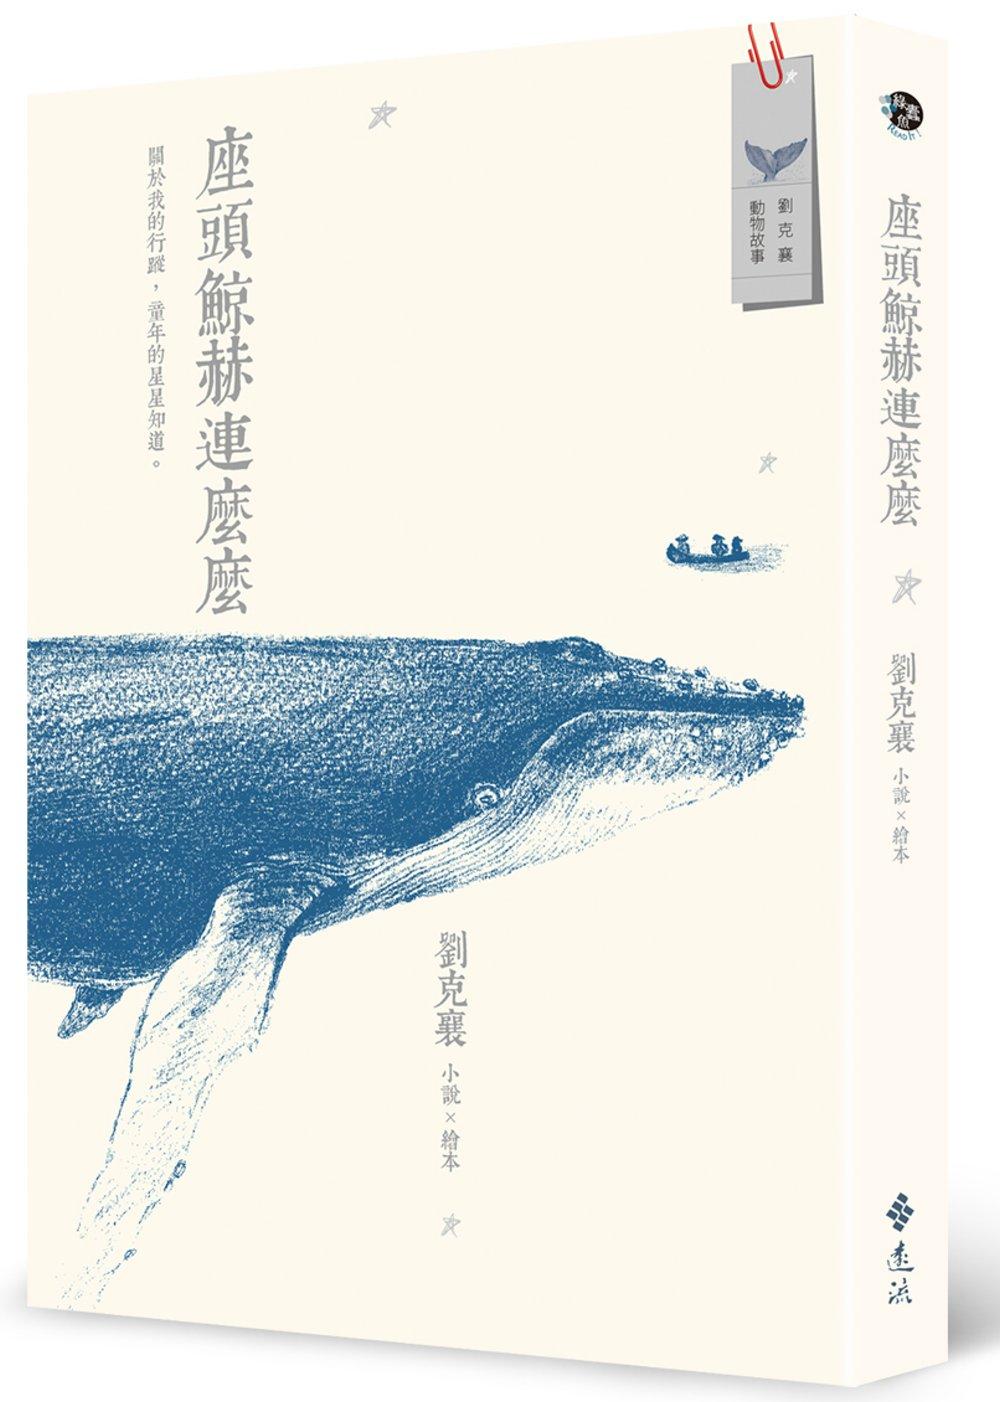 座頭鯨赫連麼麼 小說x繪本